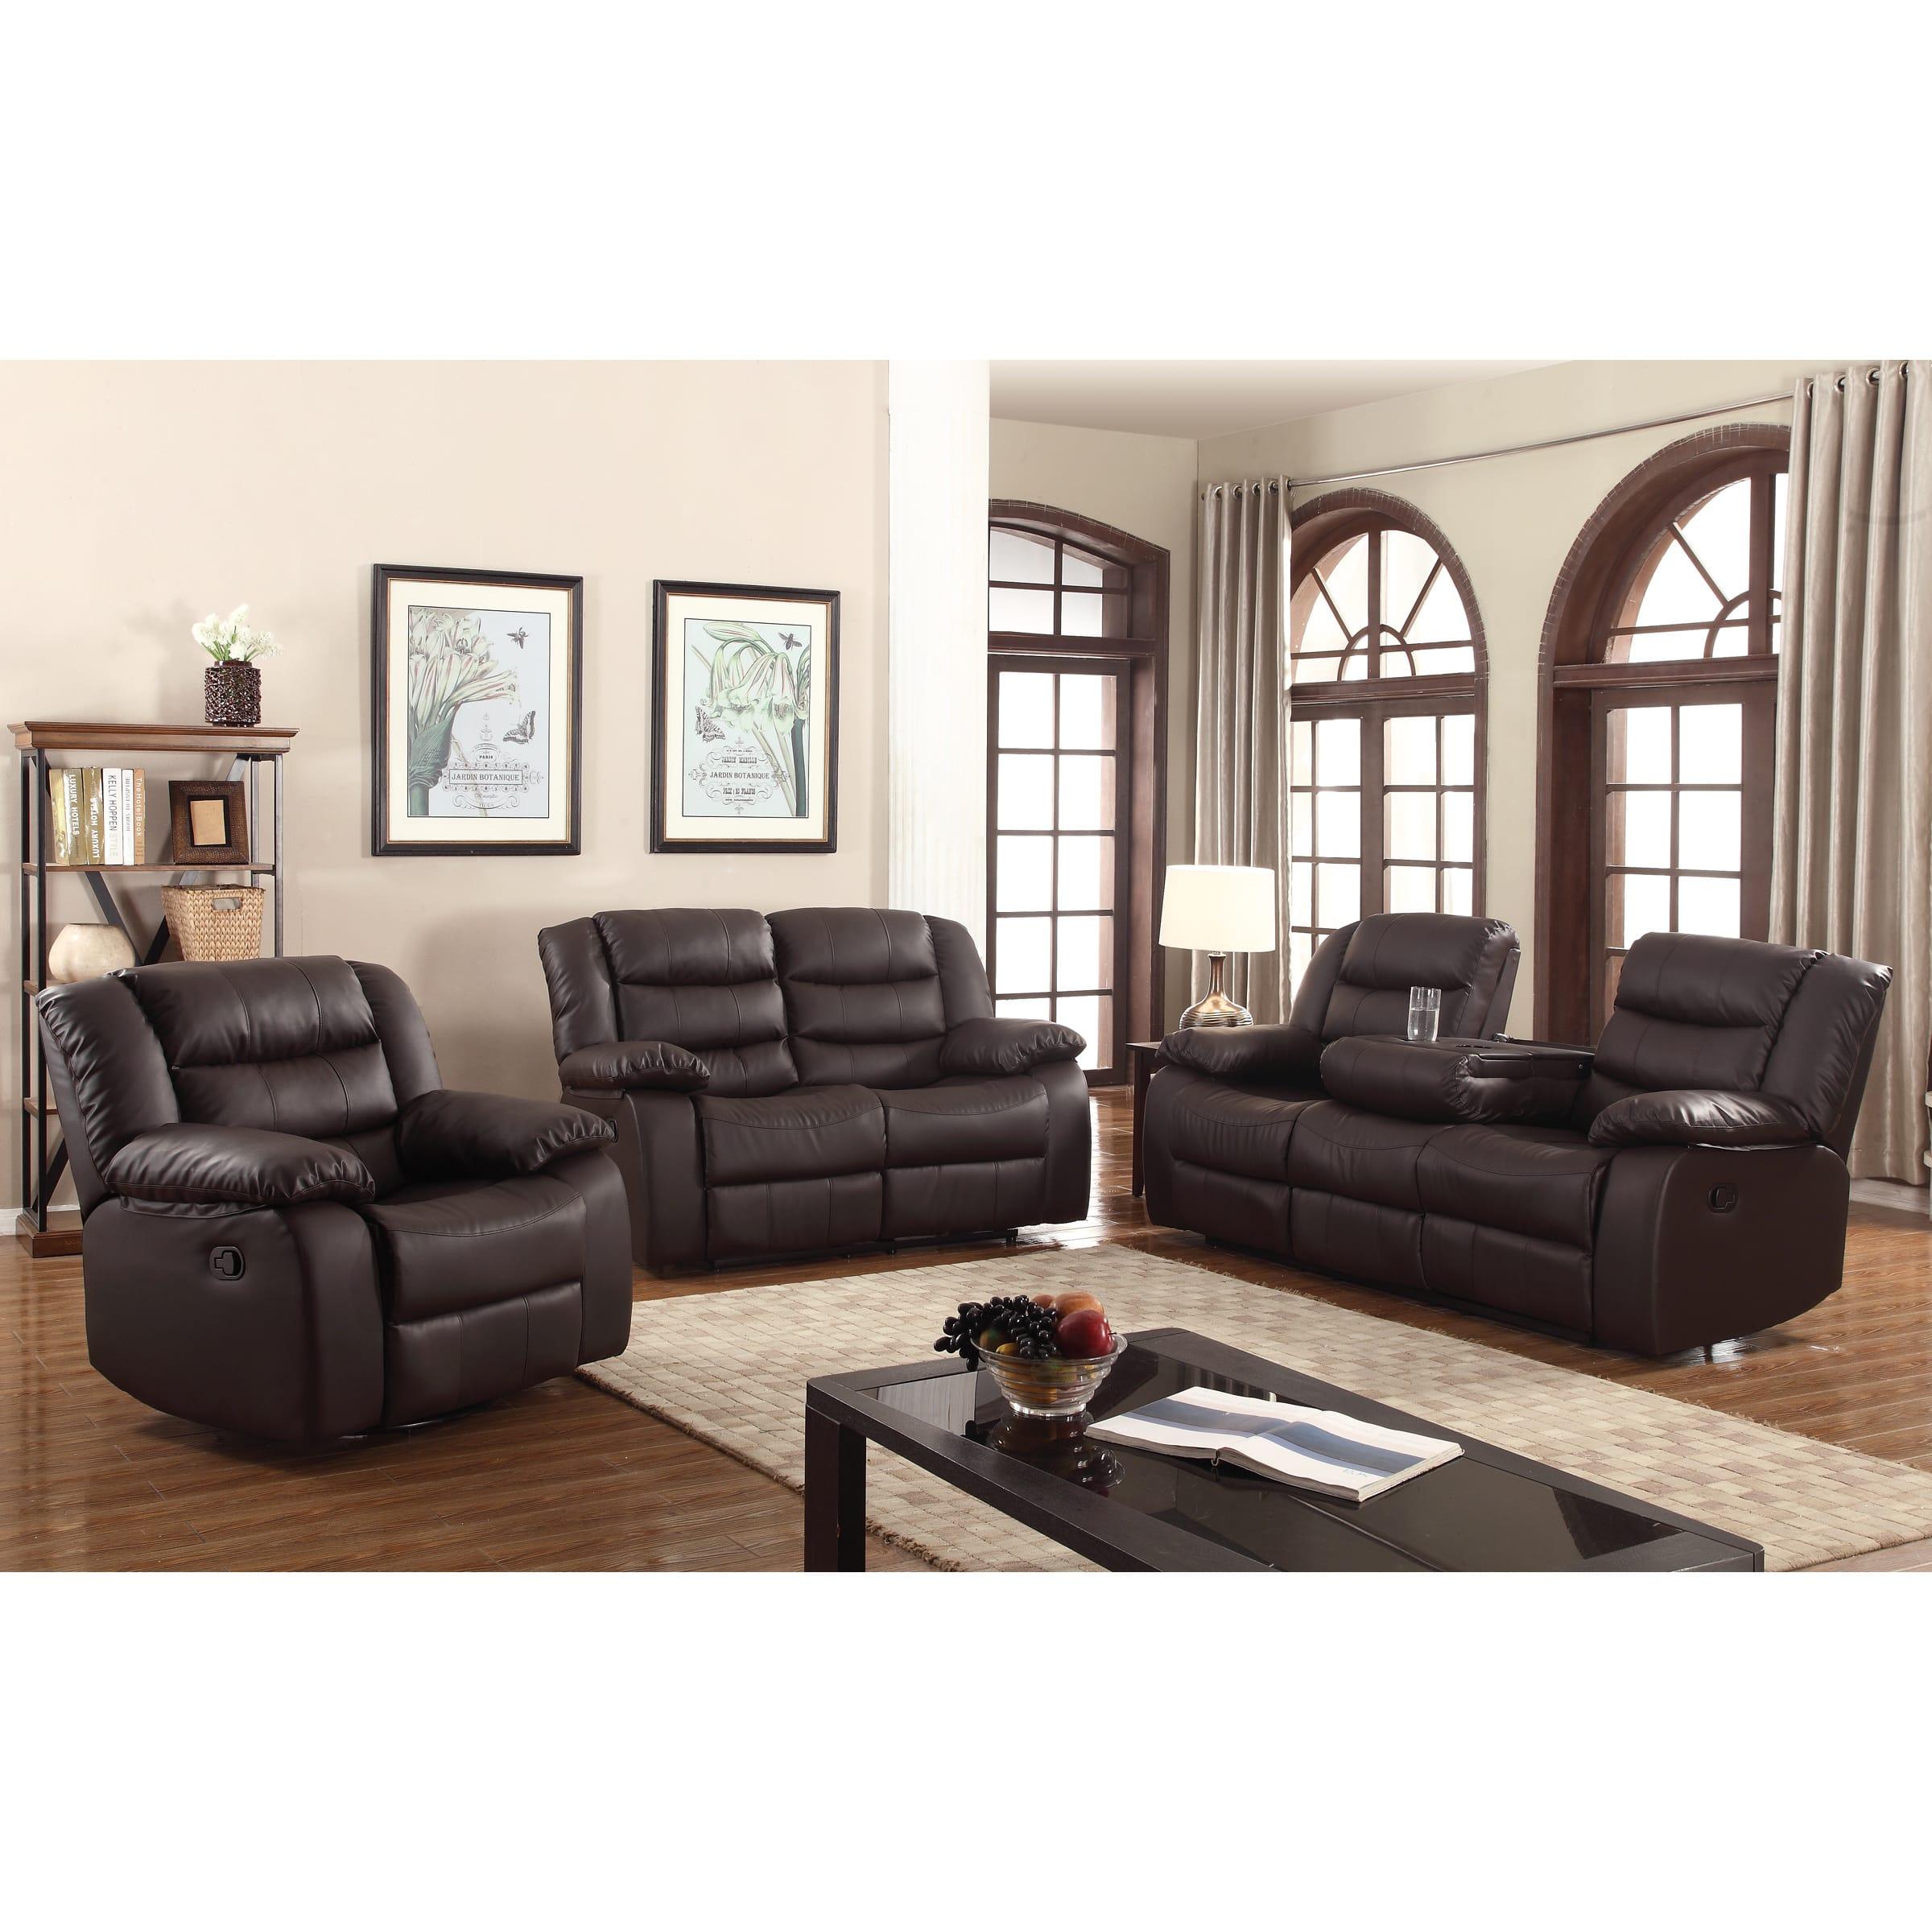 Deals On Sofa Sets: Buy Living Room Furniture Sets Online At Overstock